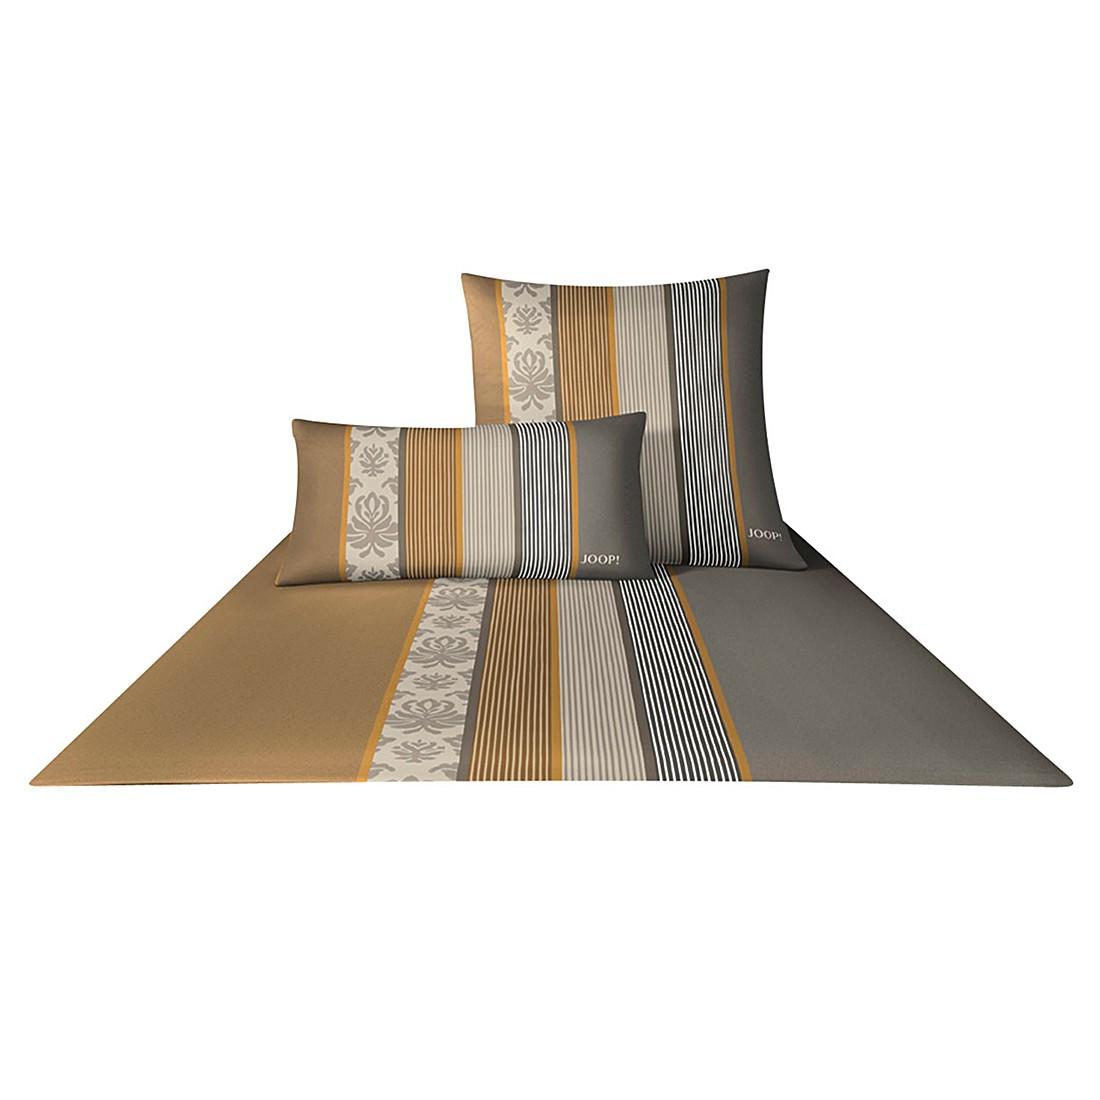 Bettwäsche Mako-Satin Ornament Stripe 4022 – Baumwolle – Muskat – 80×80 cm – 155×220 cm, Joop günstig bestellen